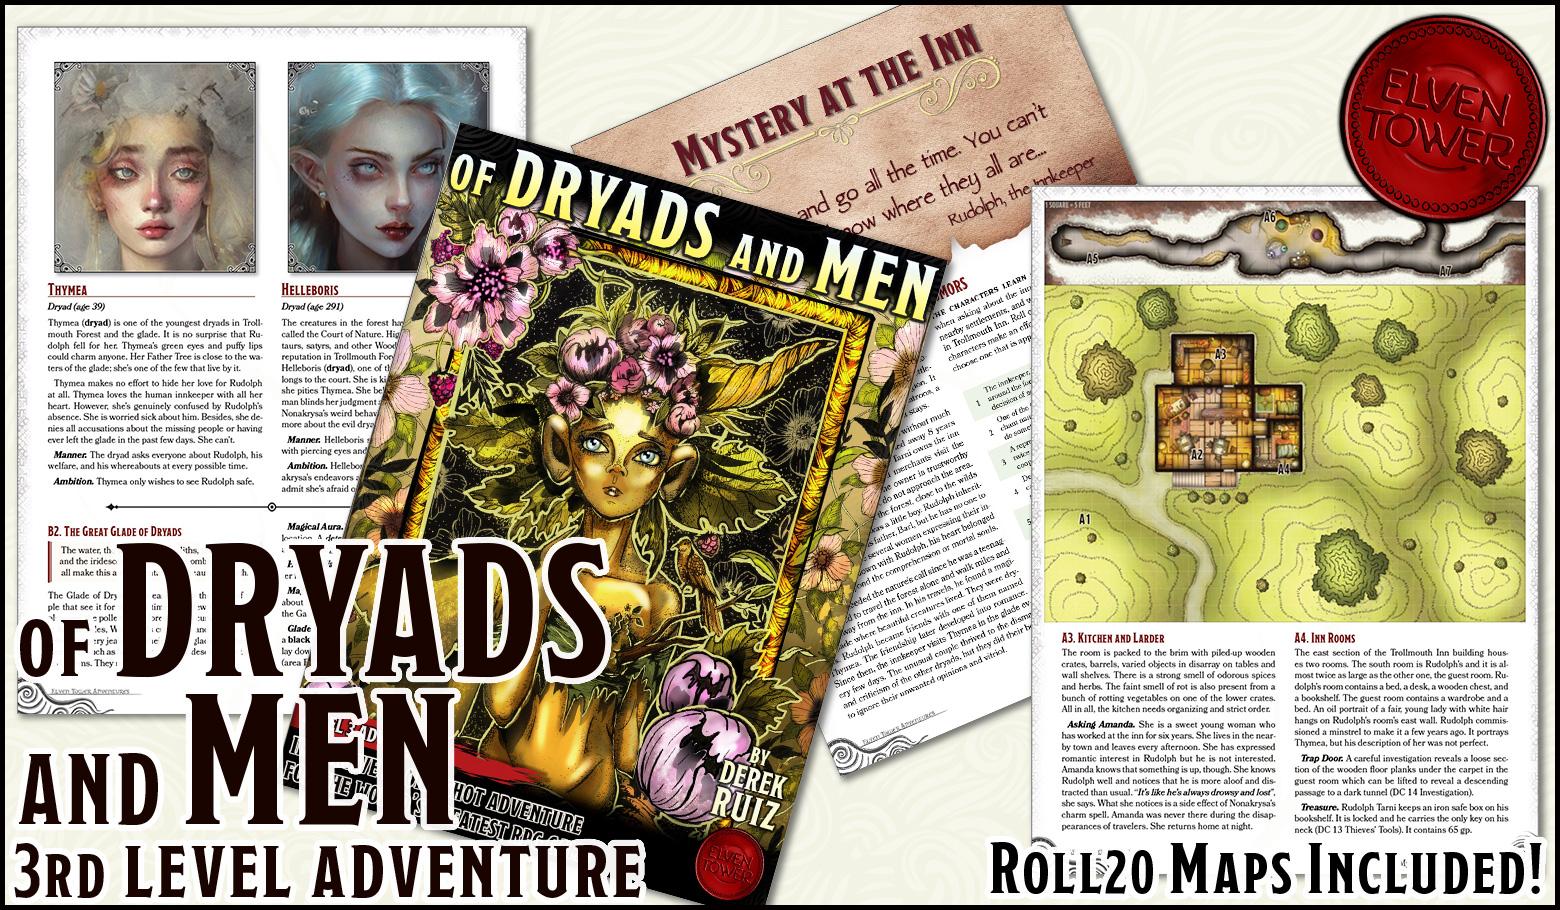 K_-_Of_Dryads_and_Men_-_promo1.jpg